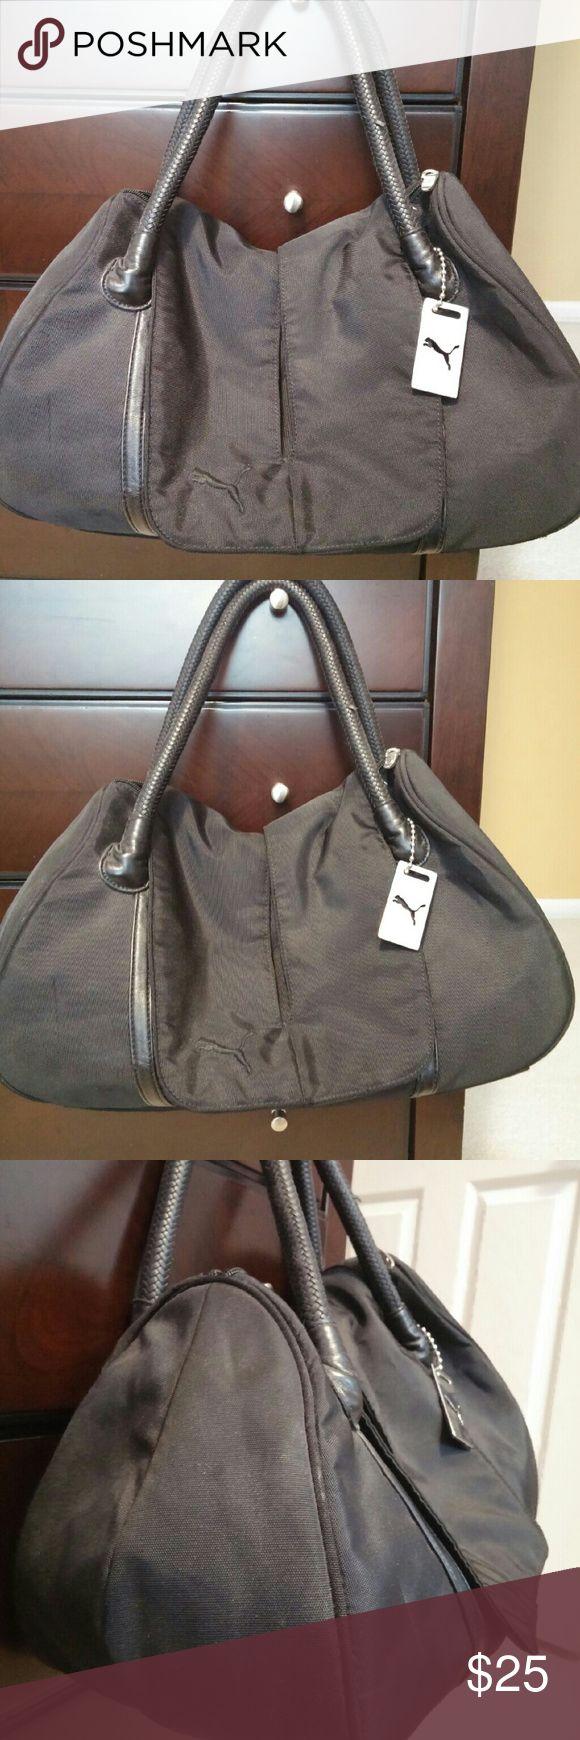 Puma Black Nylon Handbag Puma Black Nylon Handbag with flap and zipper closure. Sorry no trades Puma Bags Shoulder Bags